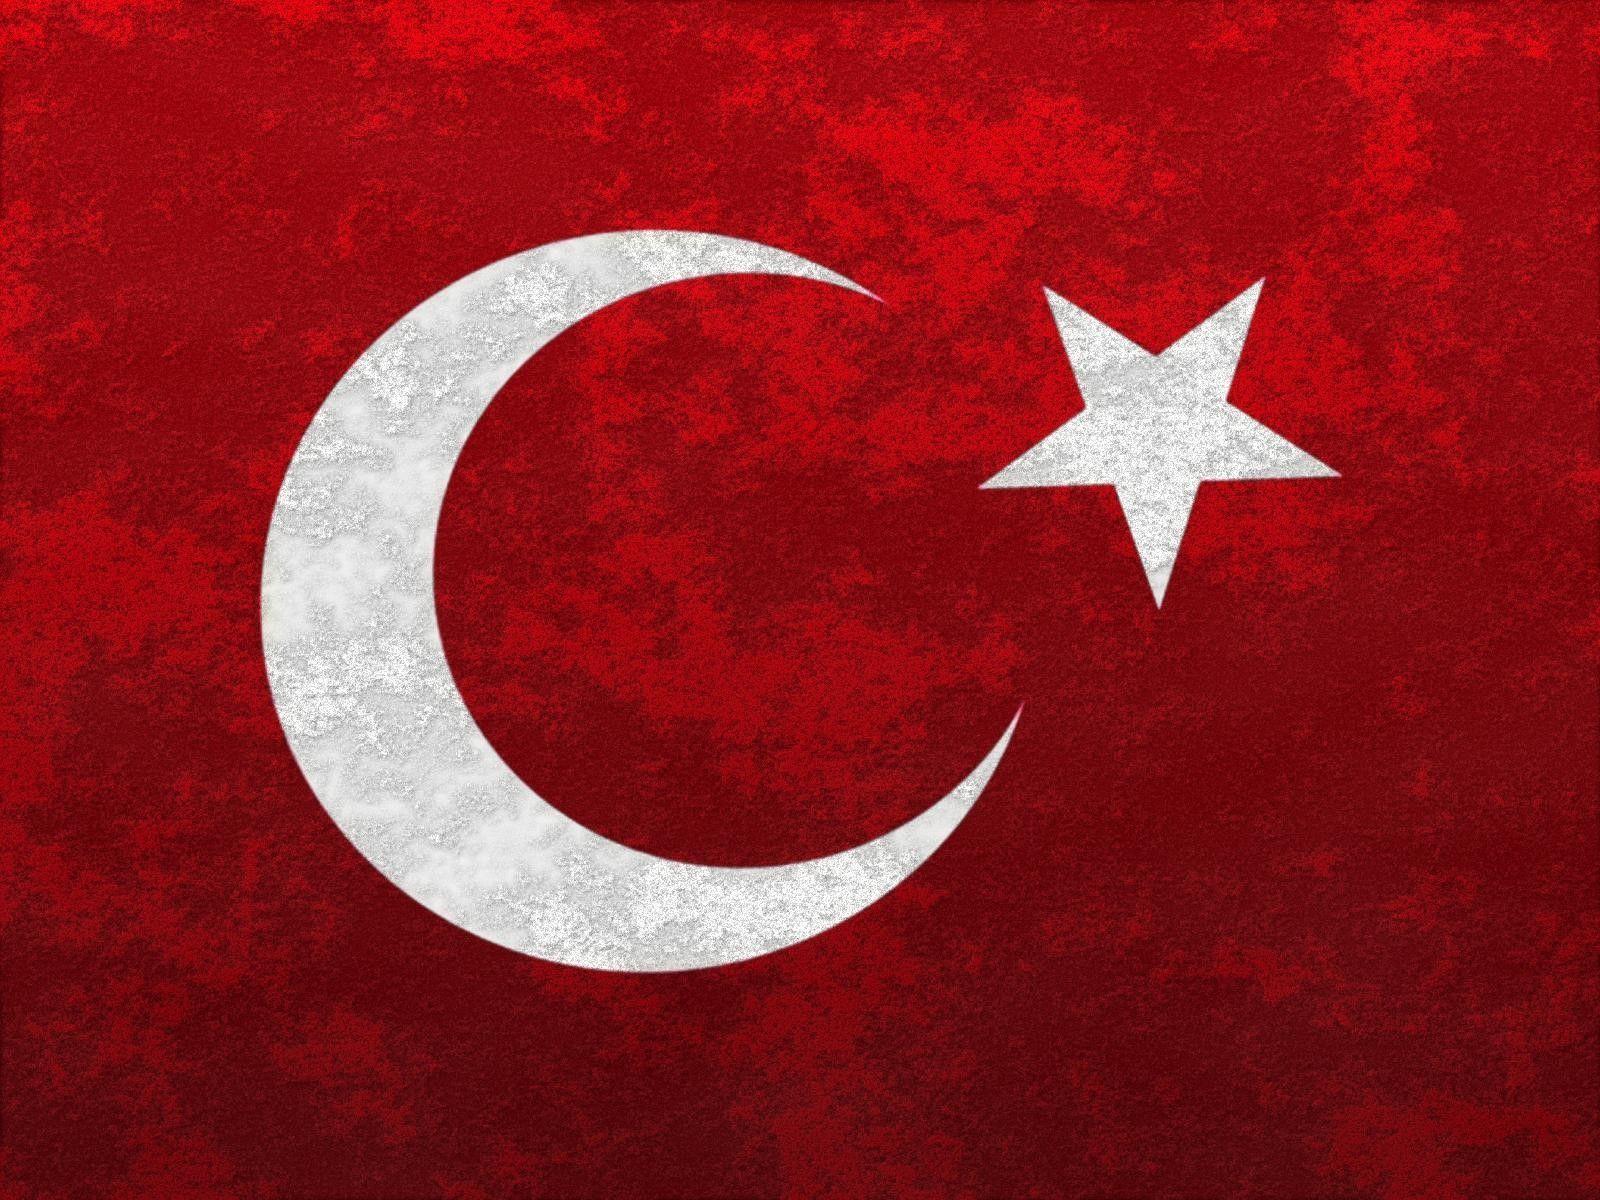 Bayrakçı Altınşehir Mahallesi Bayrak İmalatı